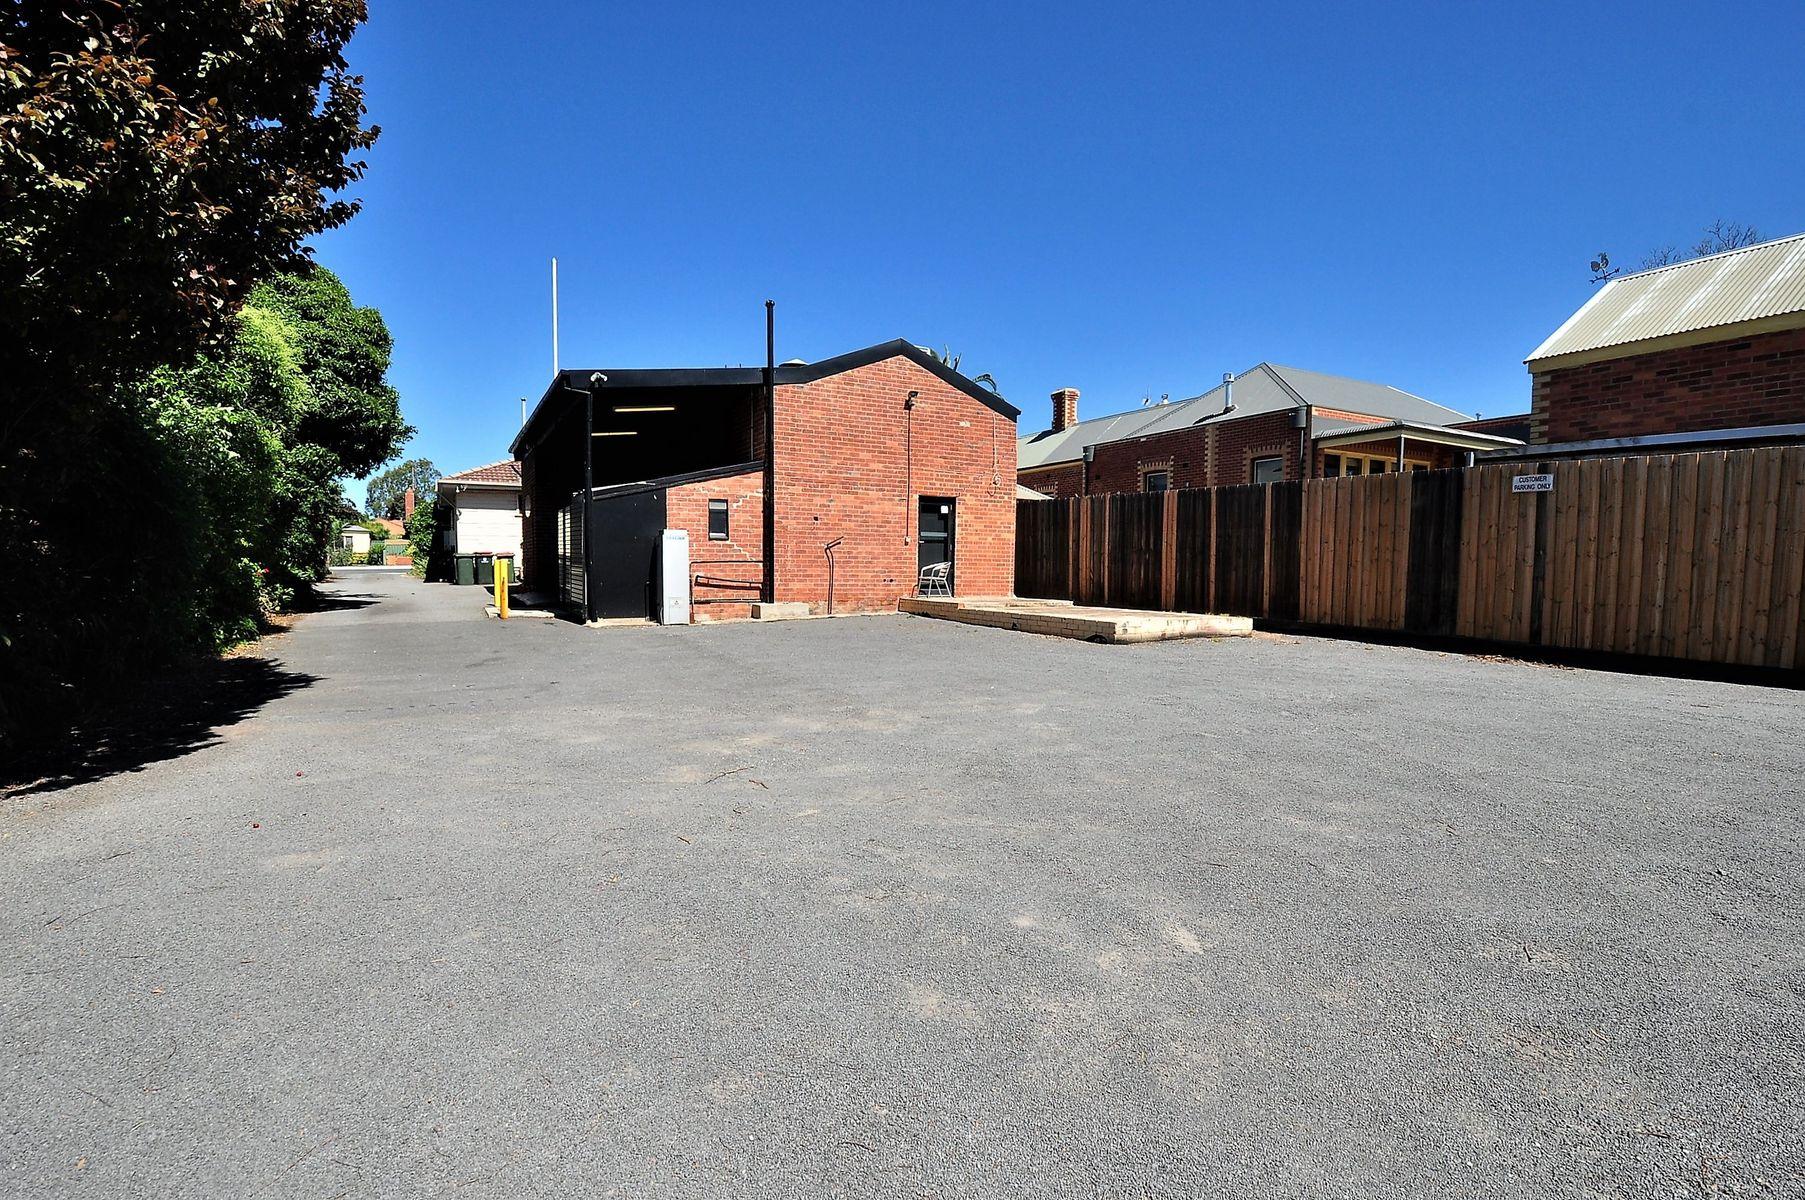 521 Napier Street, White Hills, VIC 3550